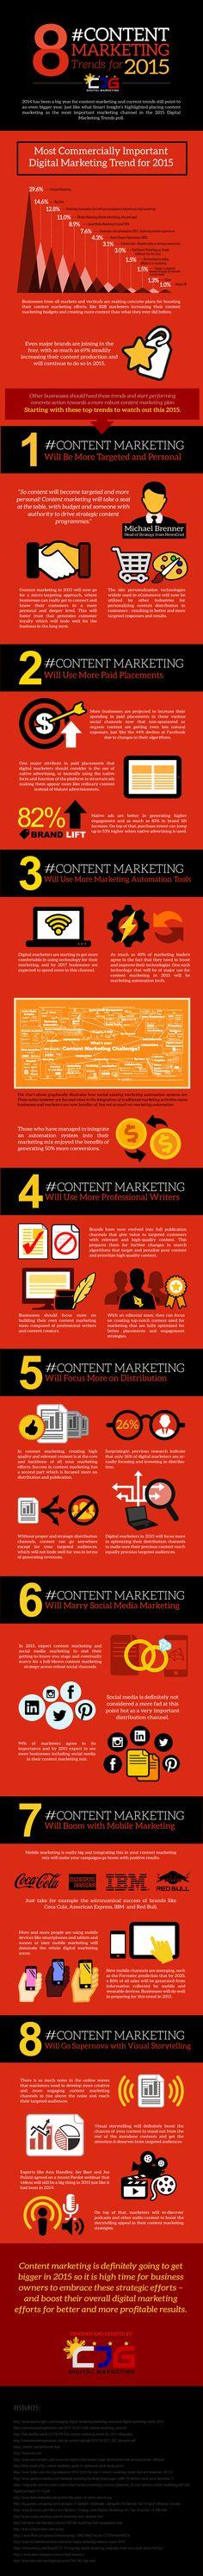 8 contentmarketingtrends om dit jaar in de gaten te houden infographic